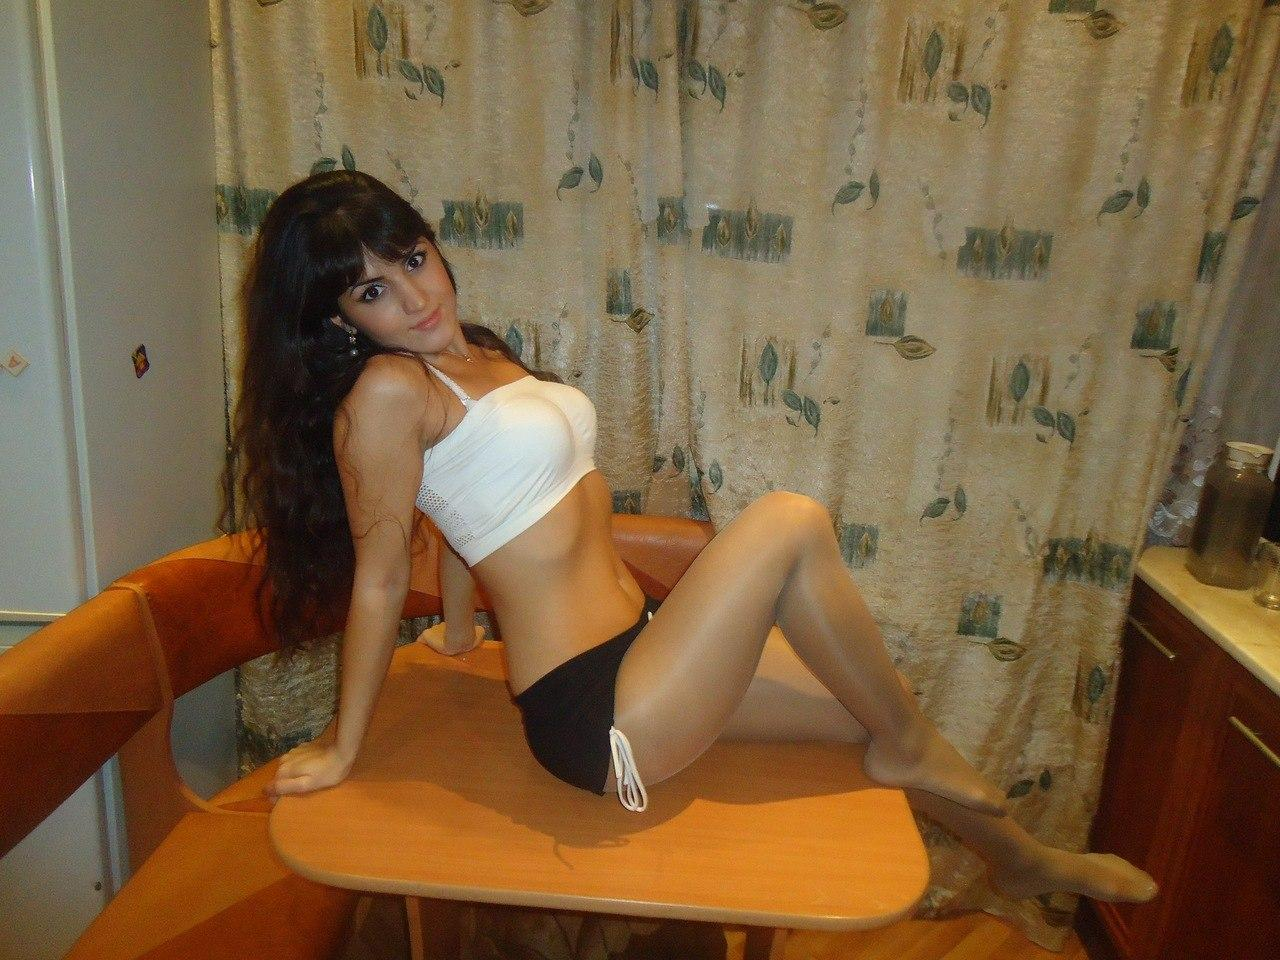 Павлодарские сайты секс знакомств